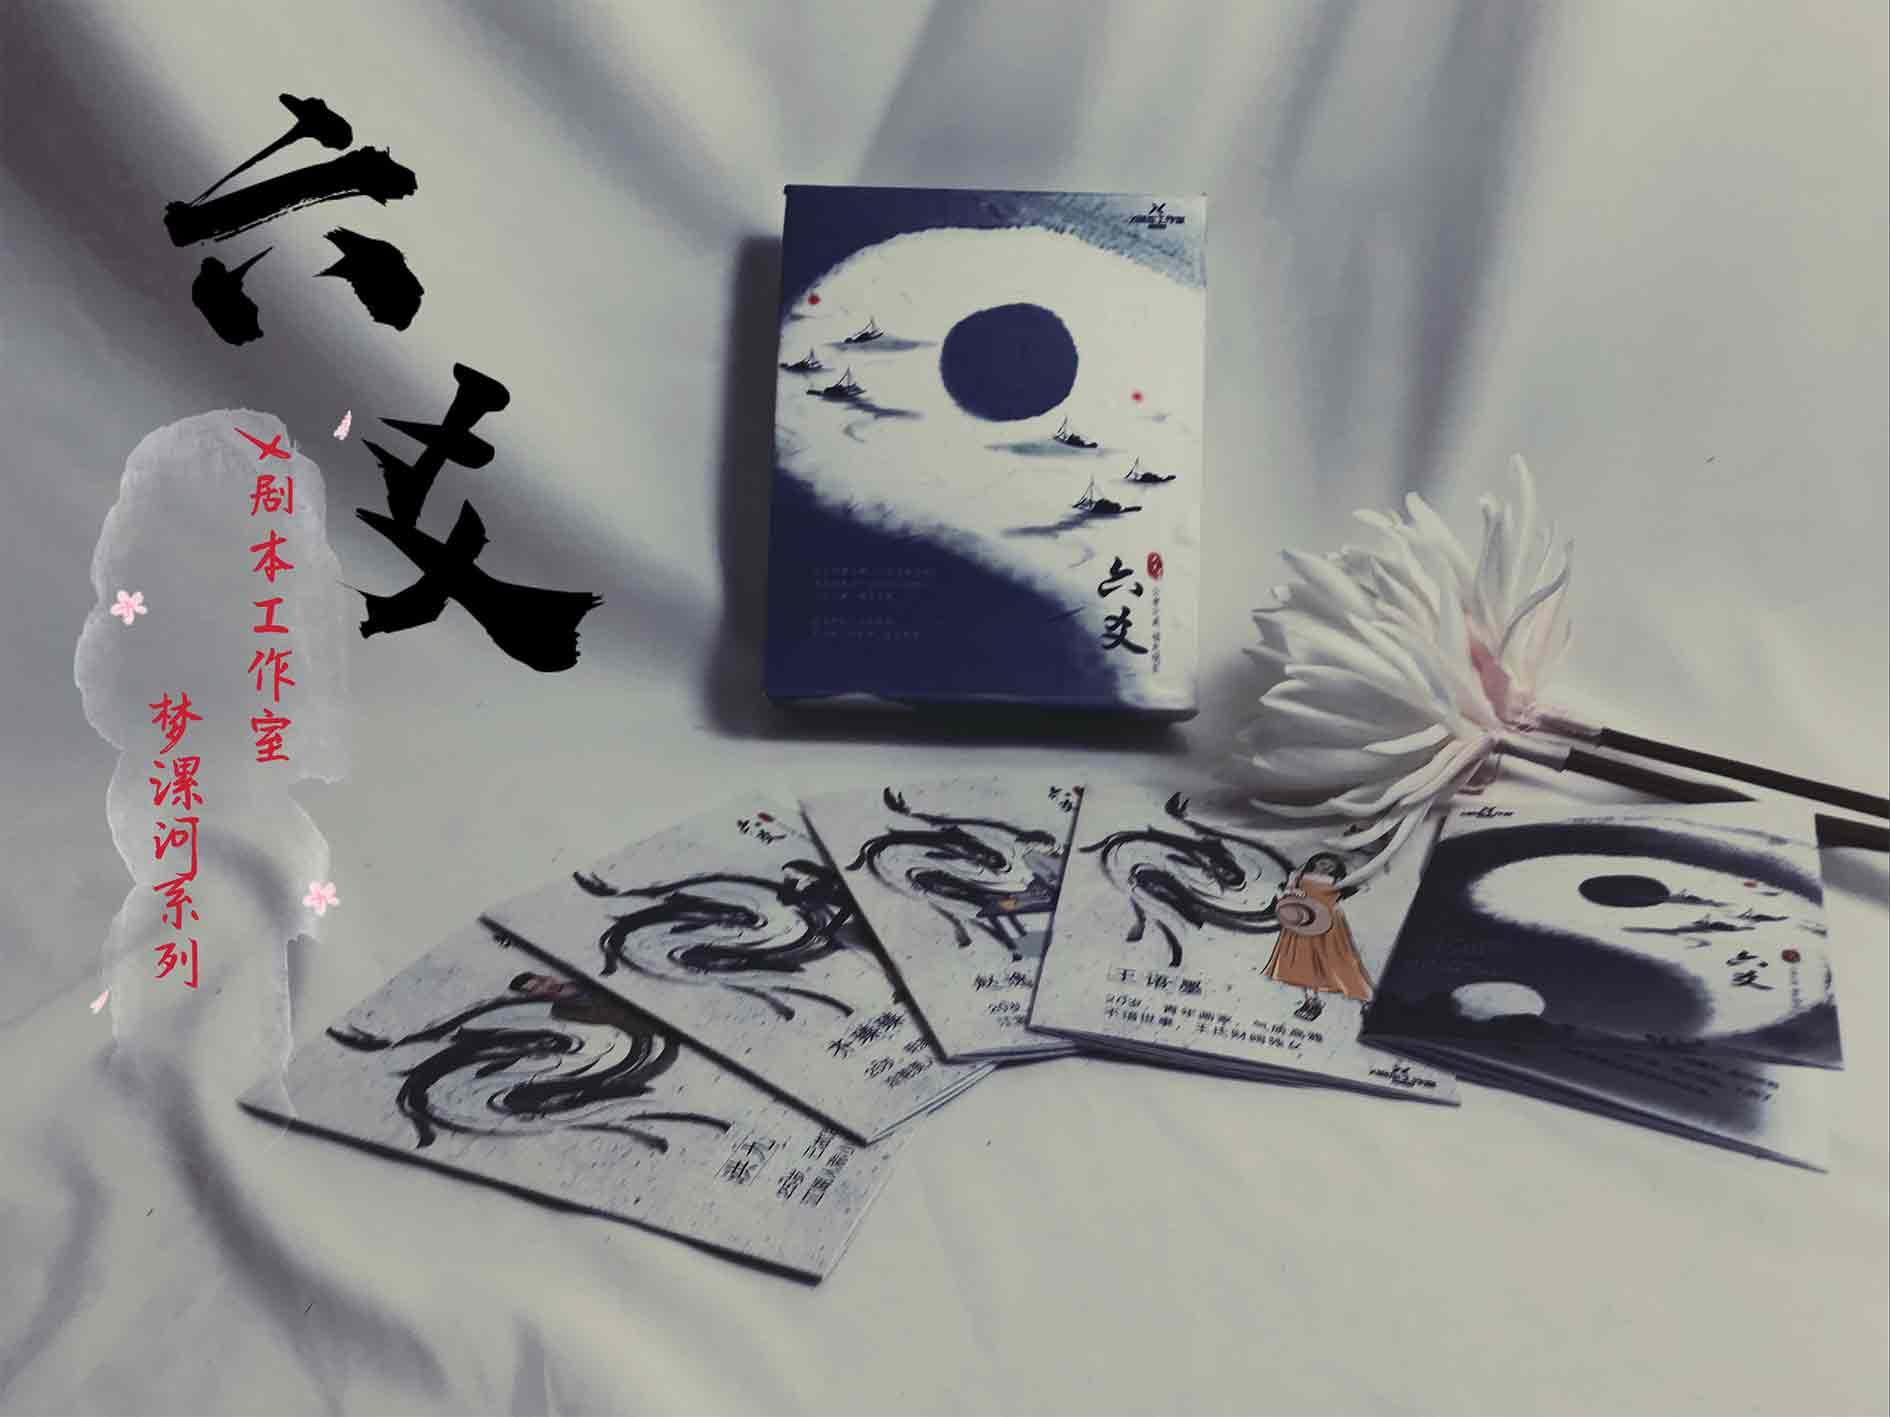 『六爻』剧本杀复盘解析 剧透结局 凶手是谁 真相答案